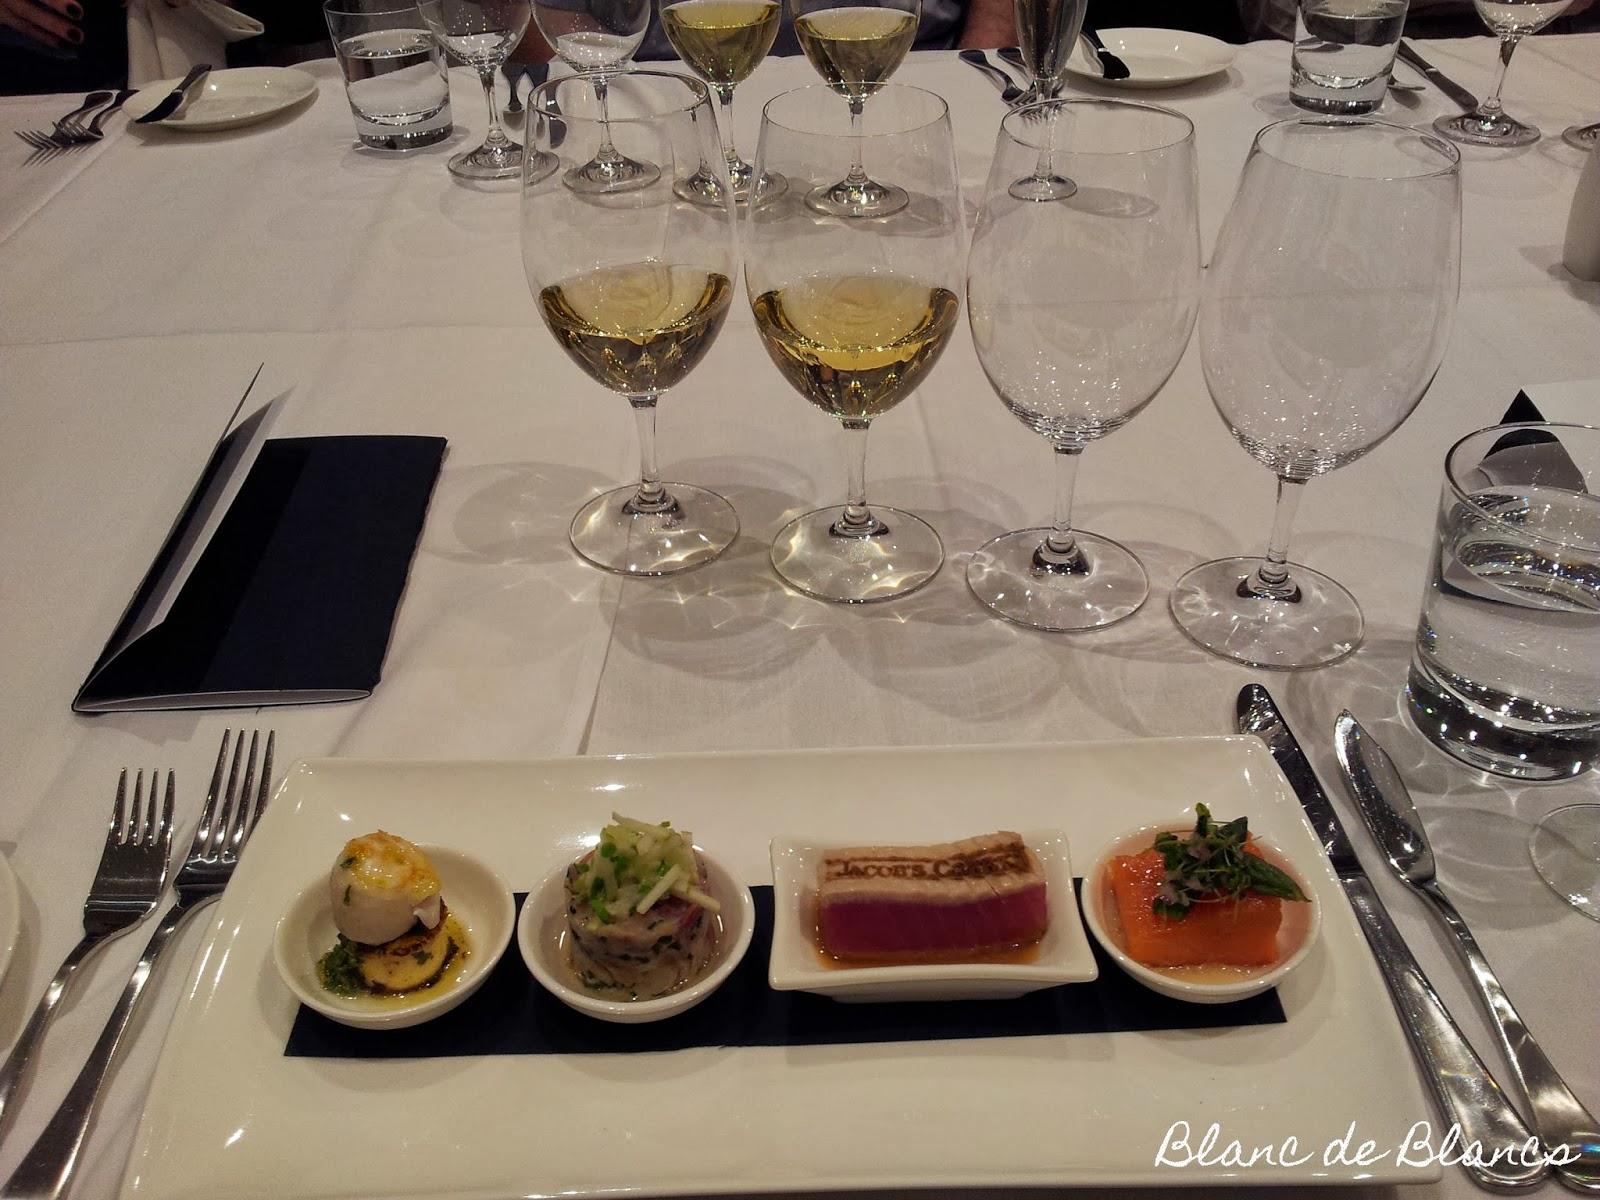 Ruokaa ja viiniä Jacob's Creekillä Australiassa - www.blancdeblancs.fi